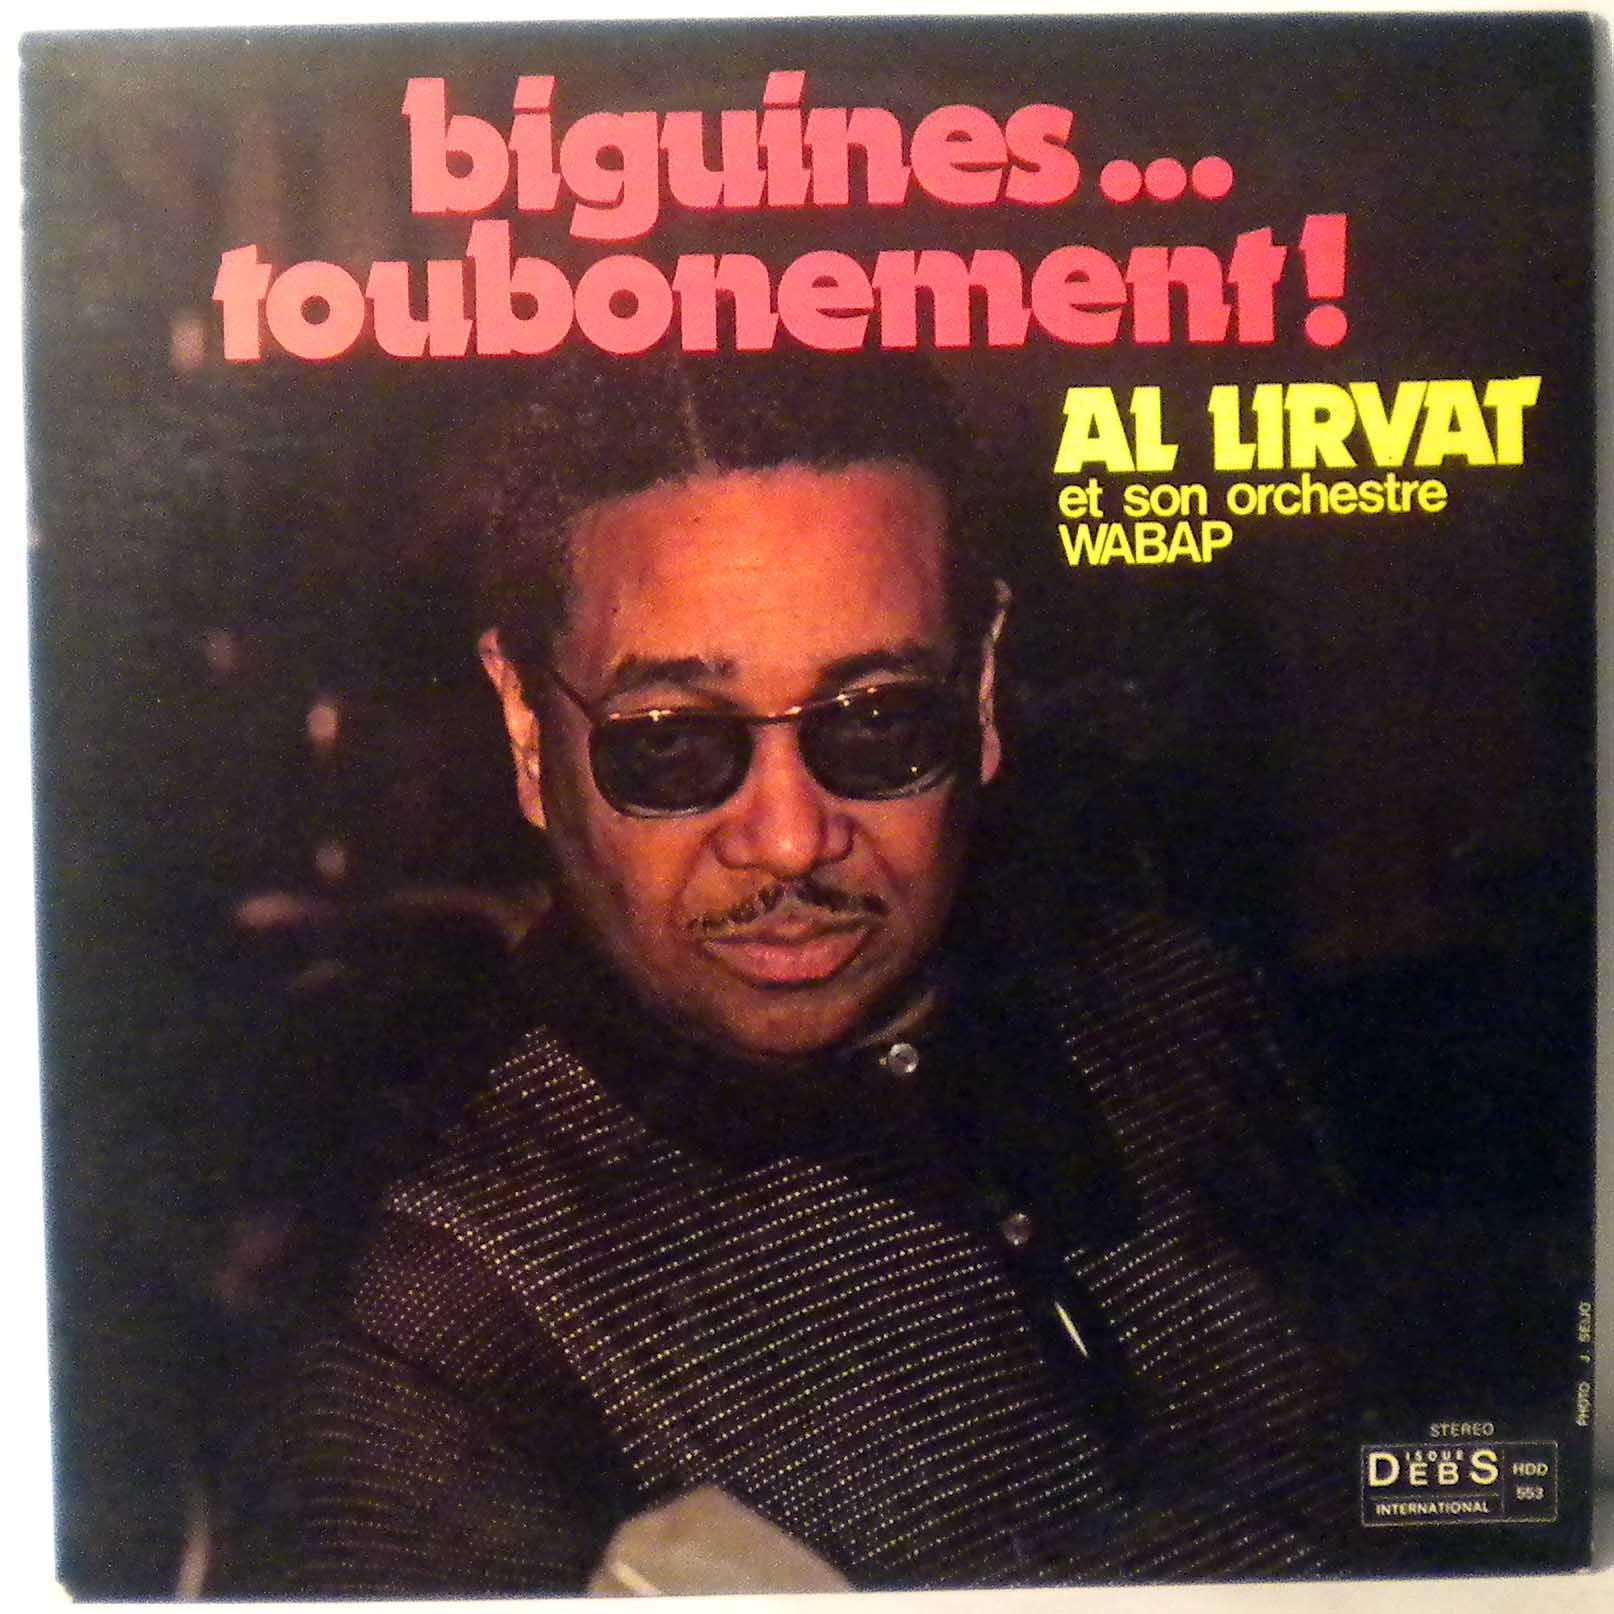 AL LIRVAT ET SON ORCHESTRE WABAP - BiguinesÉ toubonement! - LP